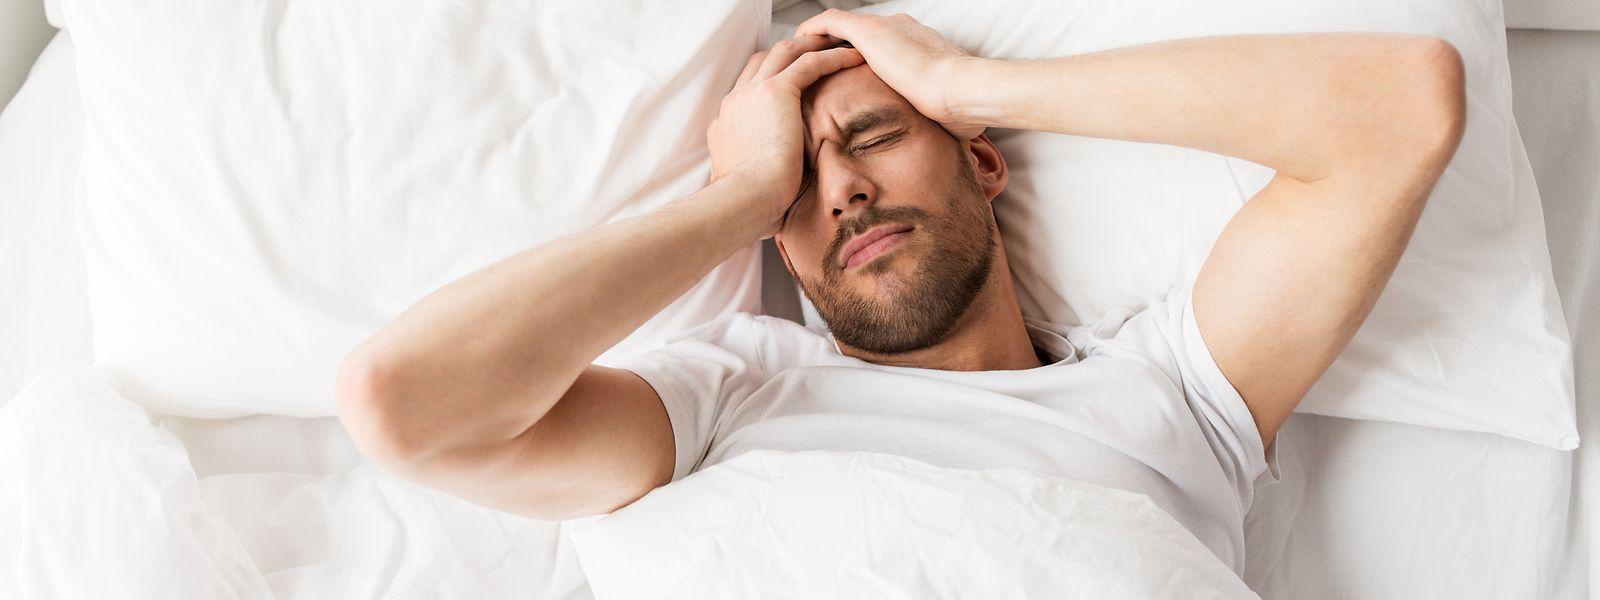 Dunkelheit, weniger Koffein und viel Lavendel - Tipps nicht für, sondern gegen schlaflose Nächte.